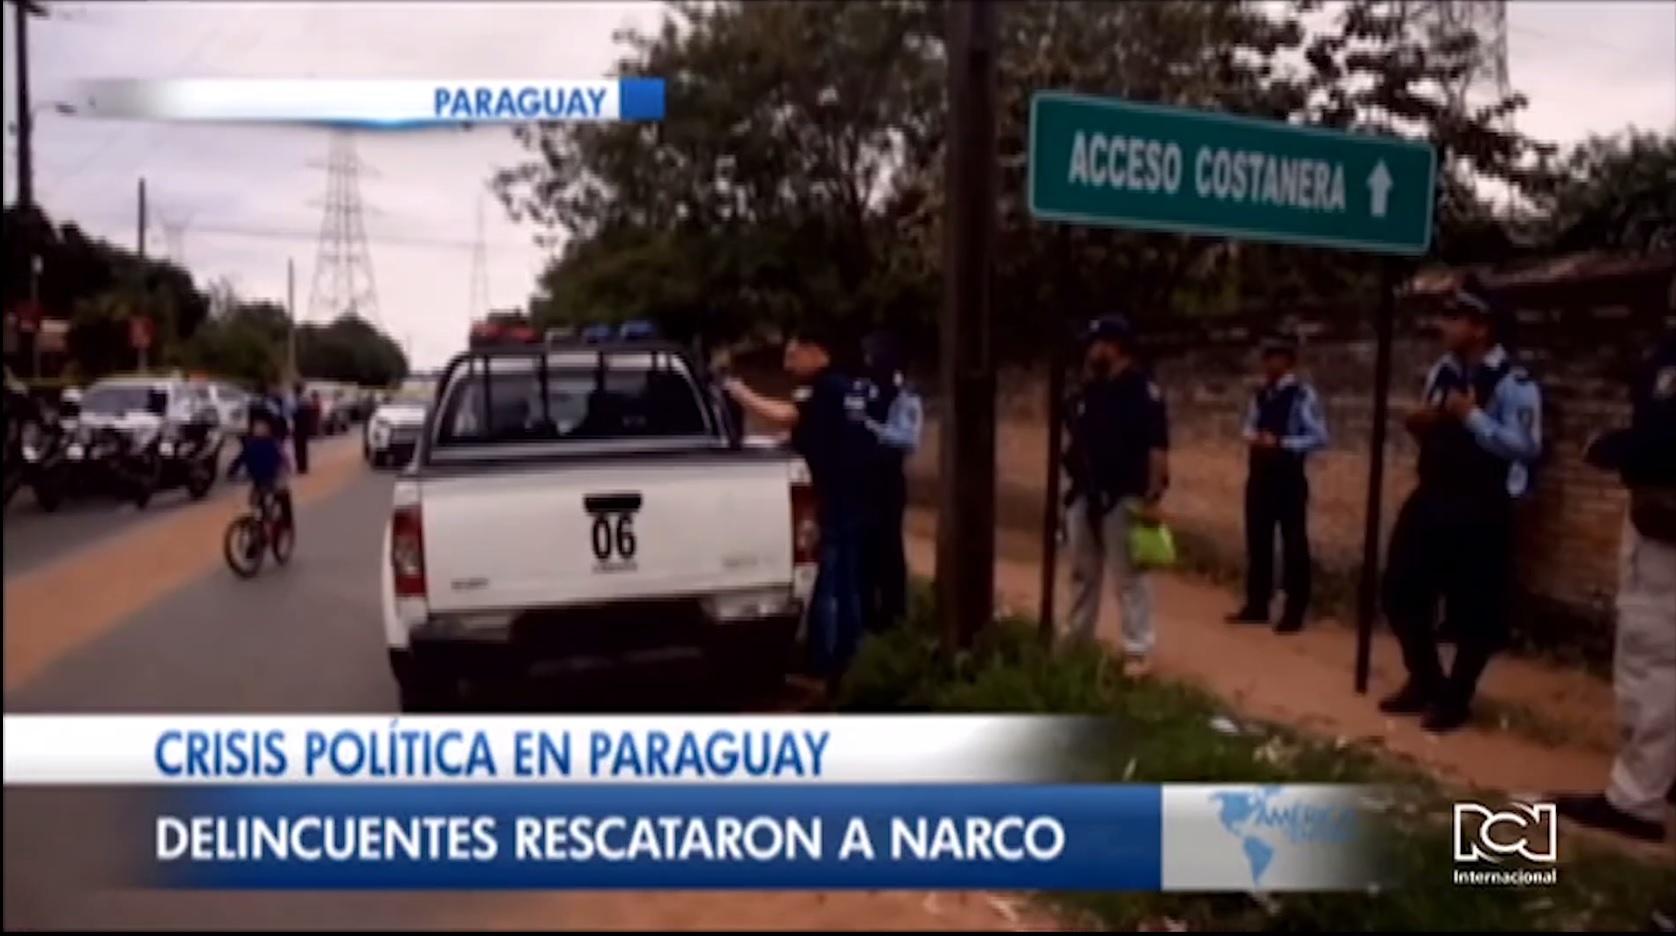 Delincuentes brasileños realizaron un operativo para liberar al narcotraficante paraguayo Teófilo Samudio